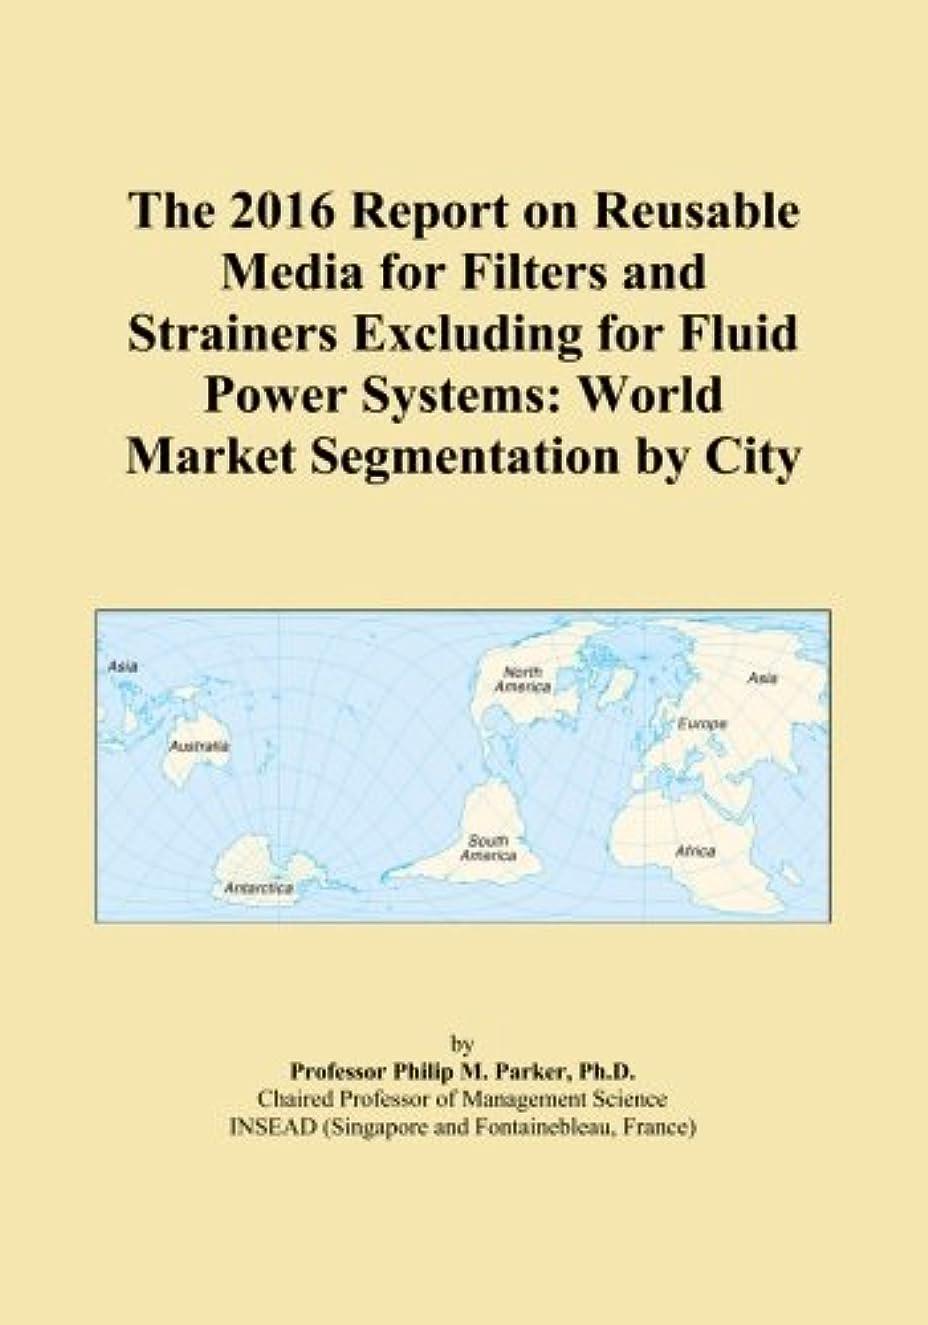 相互接続小麦巻き戻すThe 2016 Report on Reusable Media for Filters and Strainers Excluding for Fluid Power Systems: World Market Segmentation by City